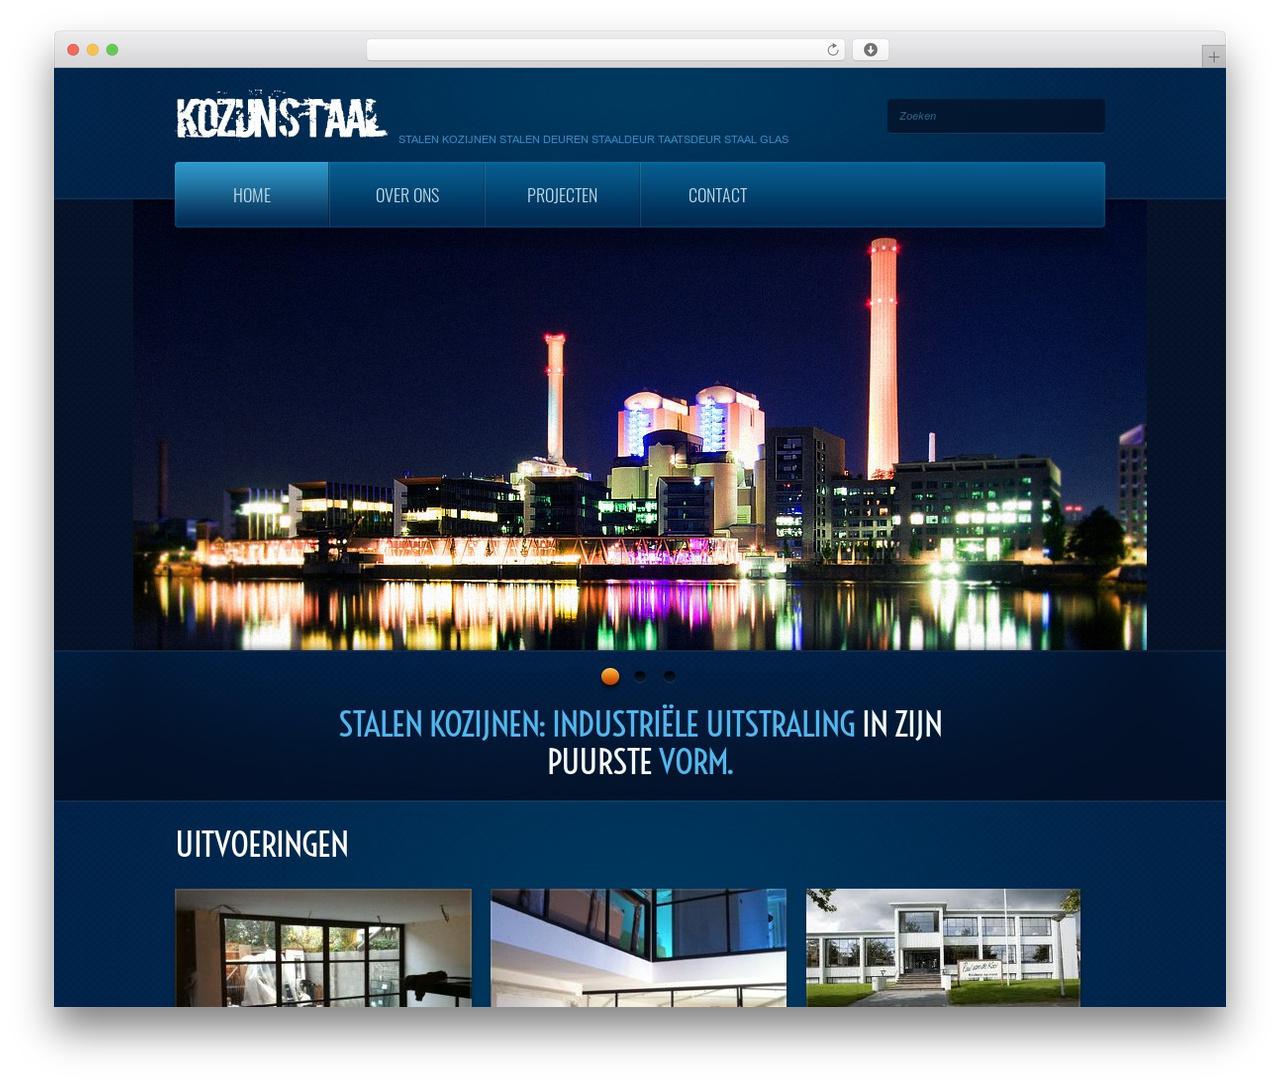 theme1866 best WordPress template - kozijnstaal.com